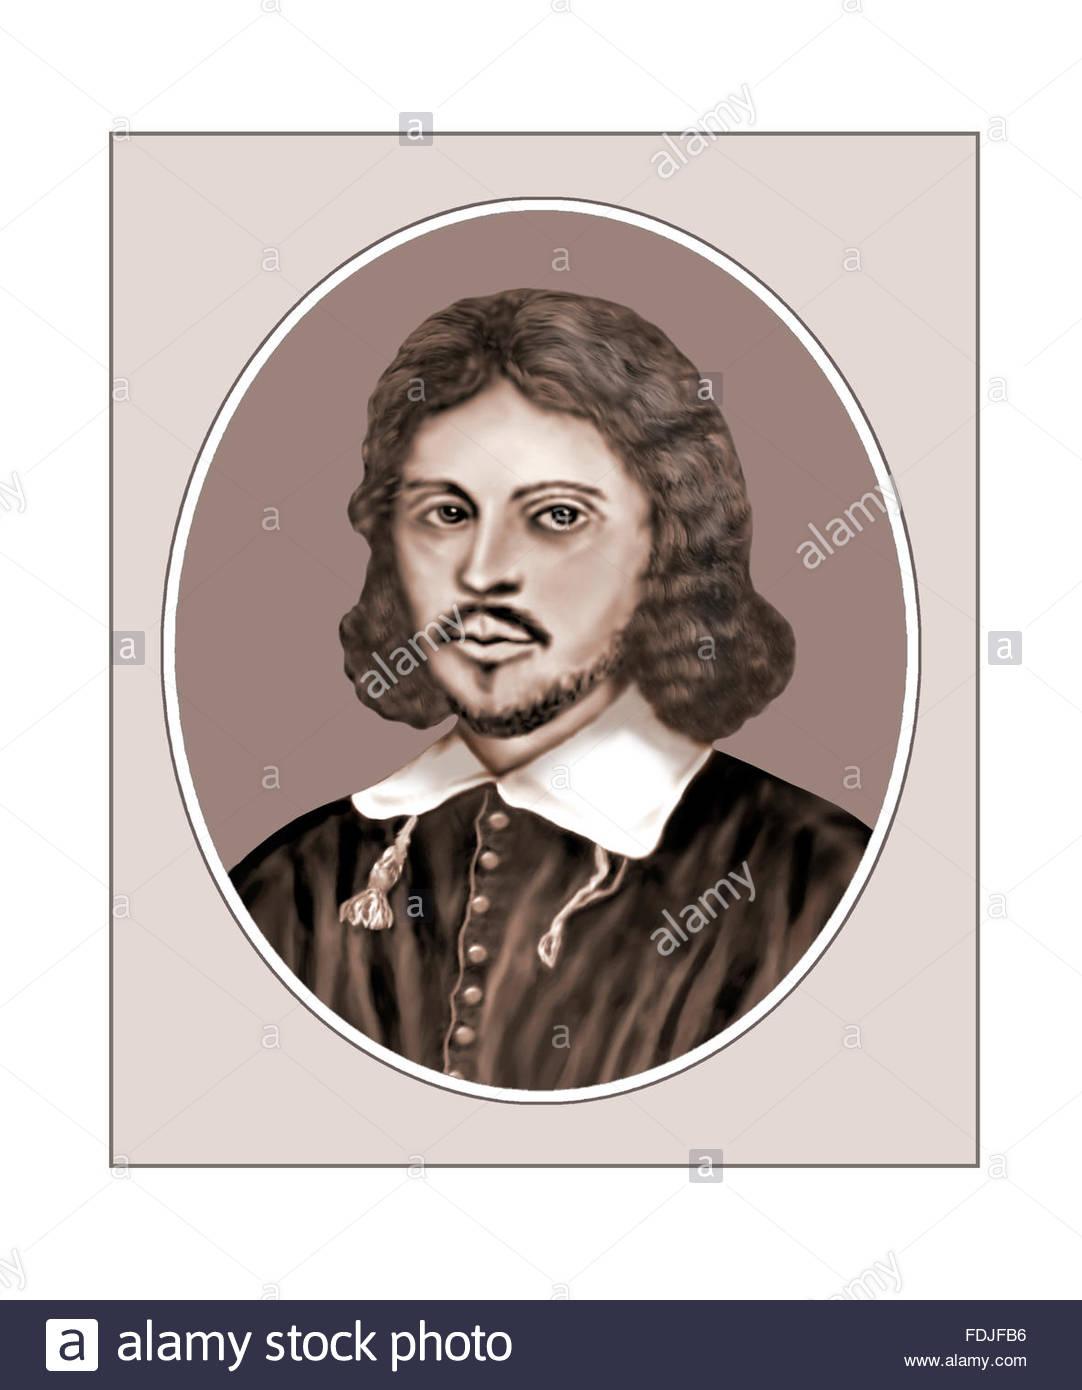 Thomas Tallis, Composer, Portrait - Stock Image